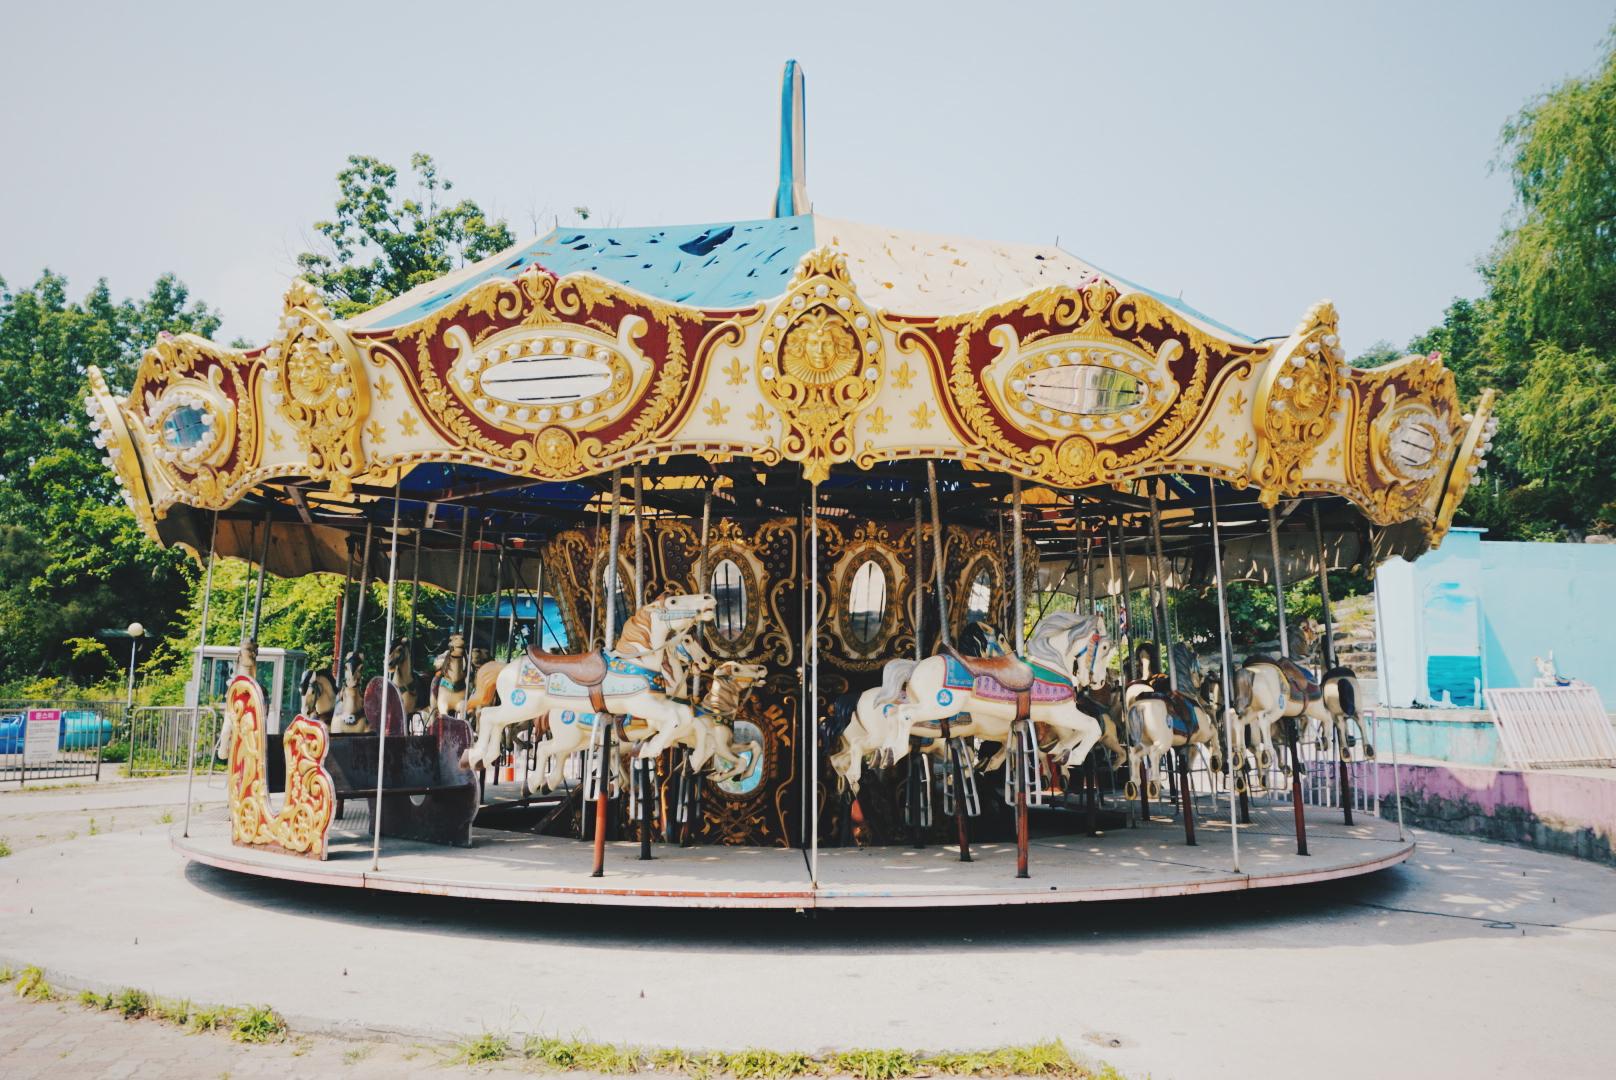 影相必到-廢棄遊樂園 용마랜드龍馬公園 – AKA